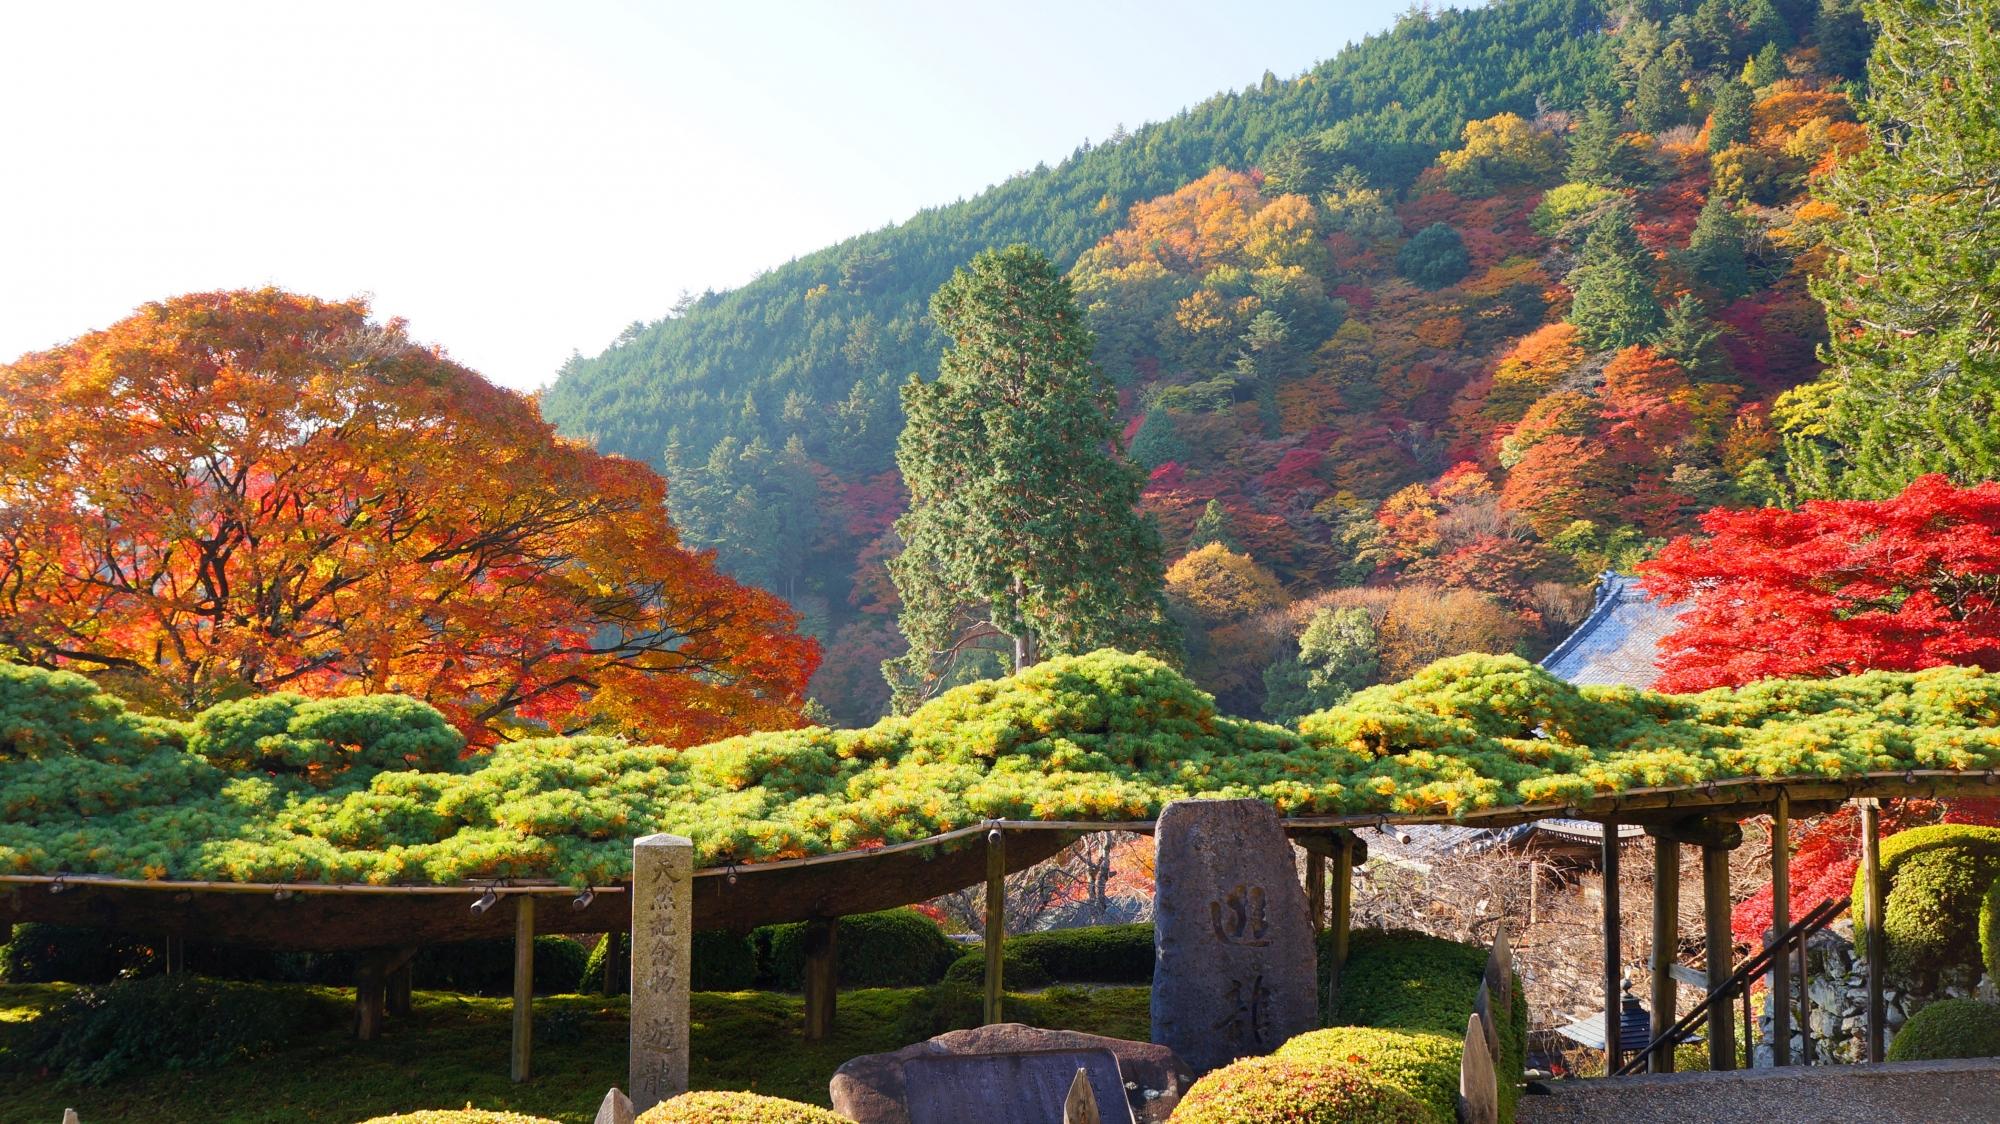 善峯寺の伽藍や遊龍の松の素晴らしい紅葉や情景